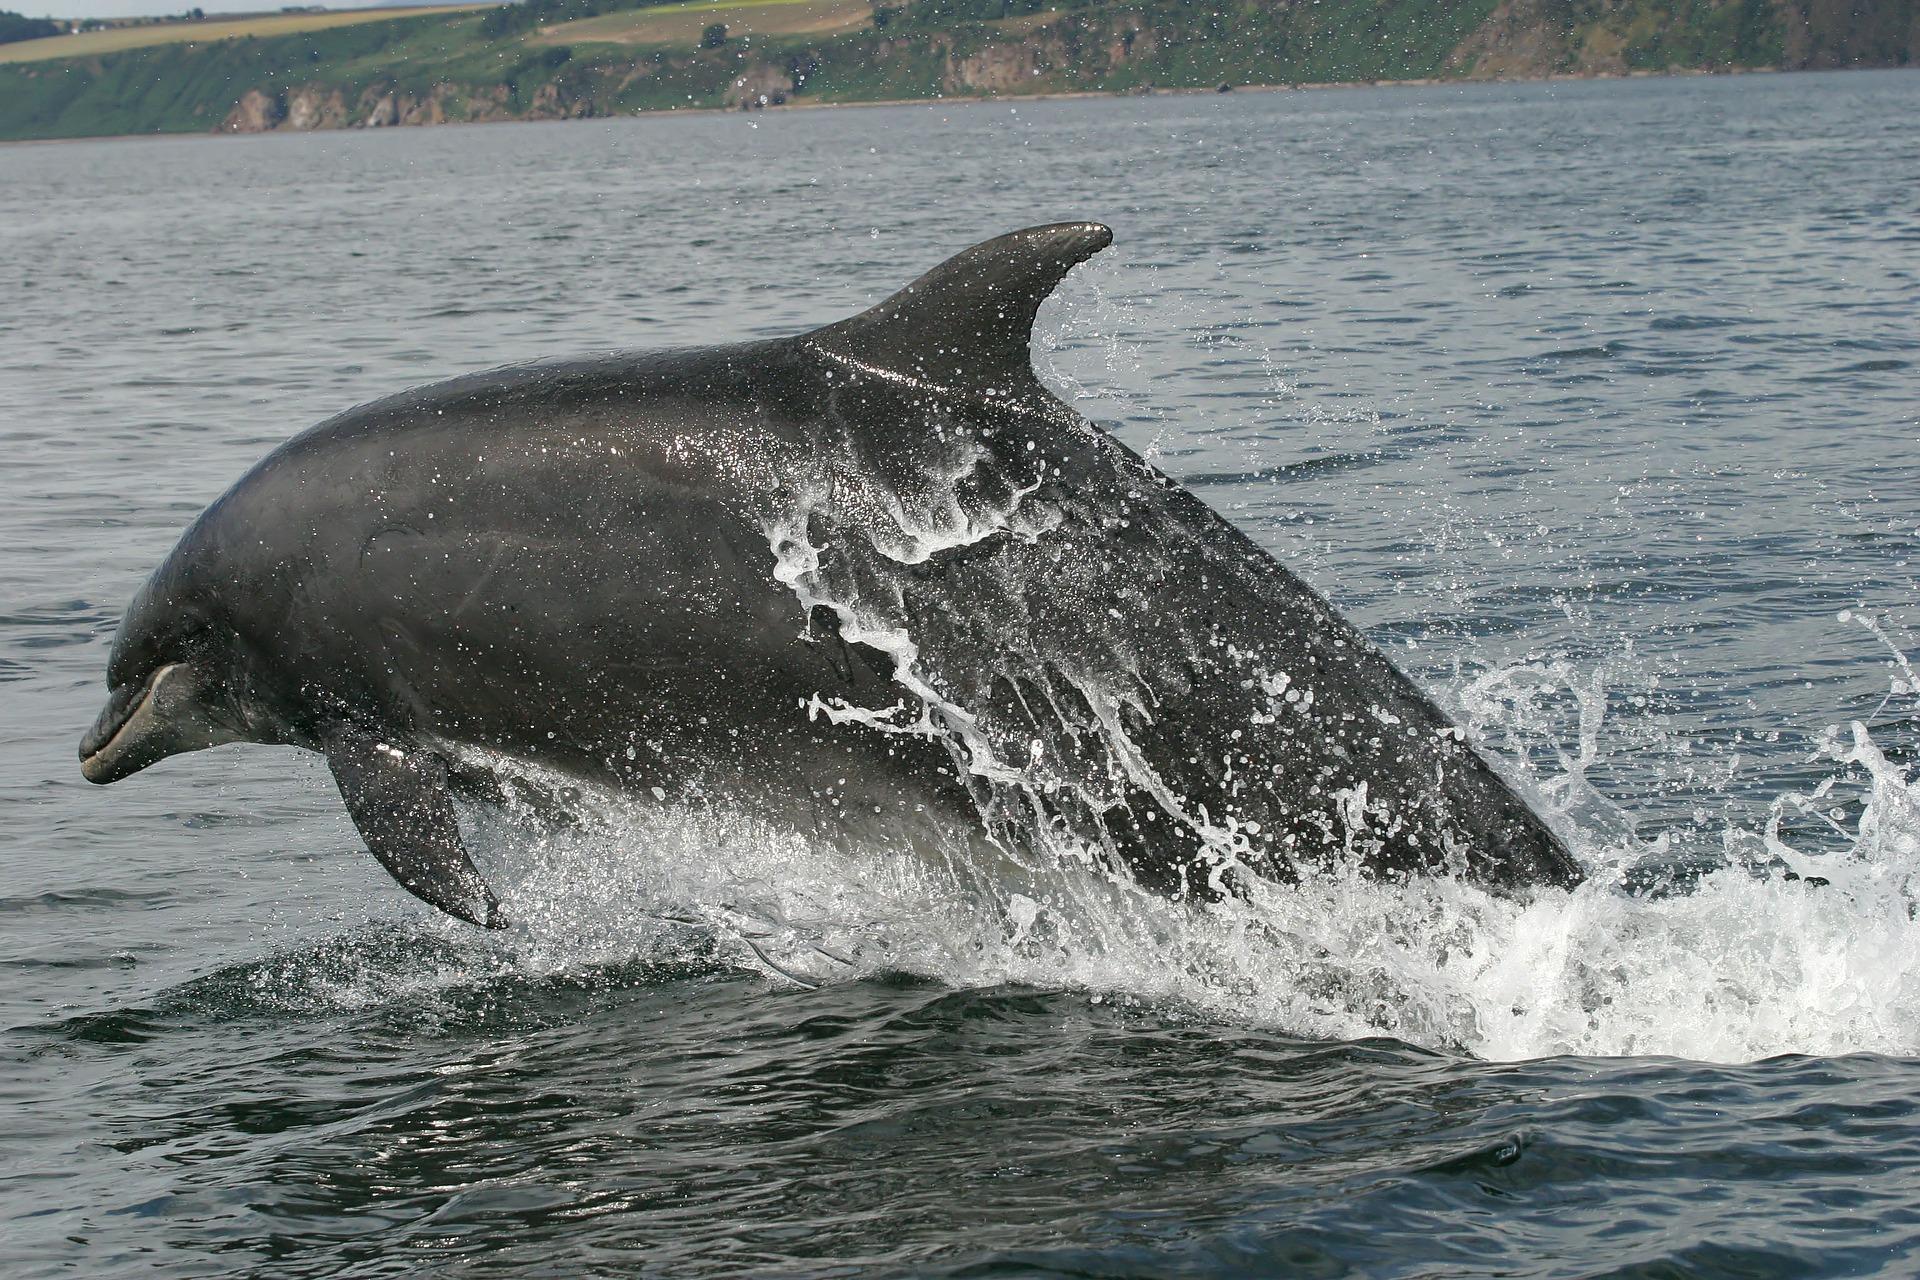 Dolfijn zwemt met zeilend vrachtschip mee het Noordzeekanaal in [video]